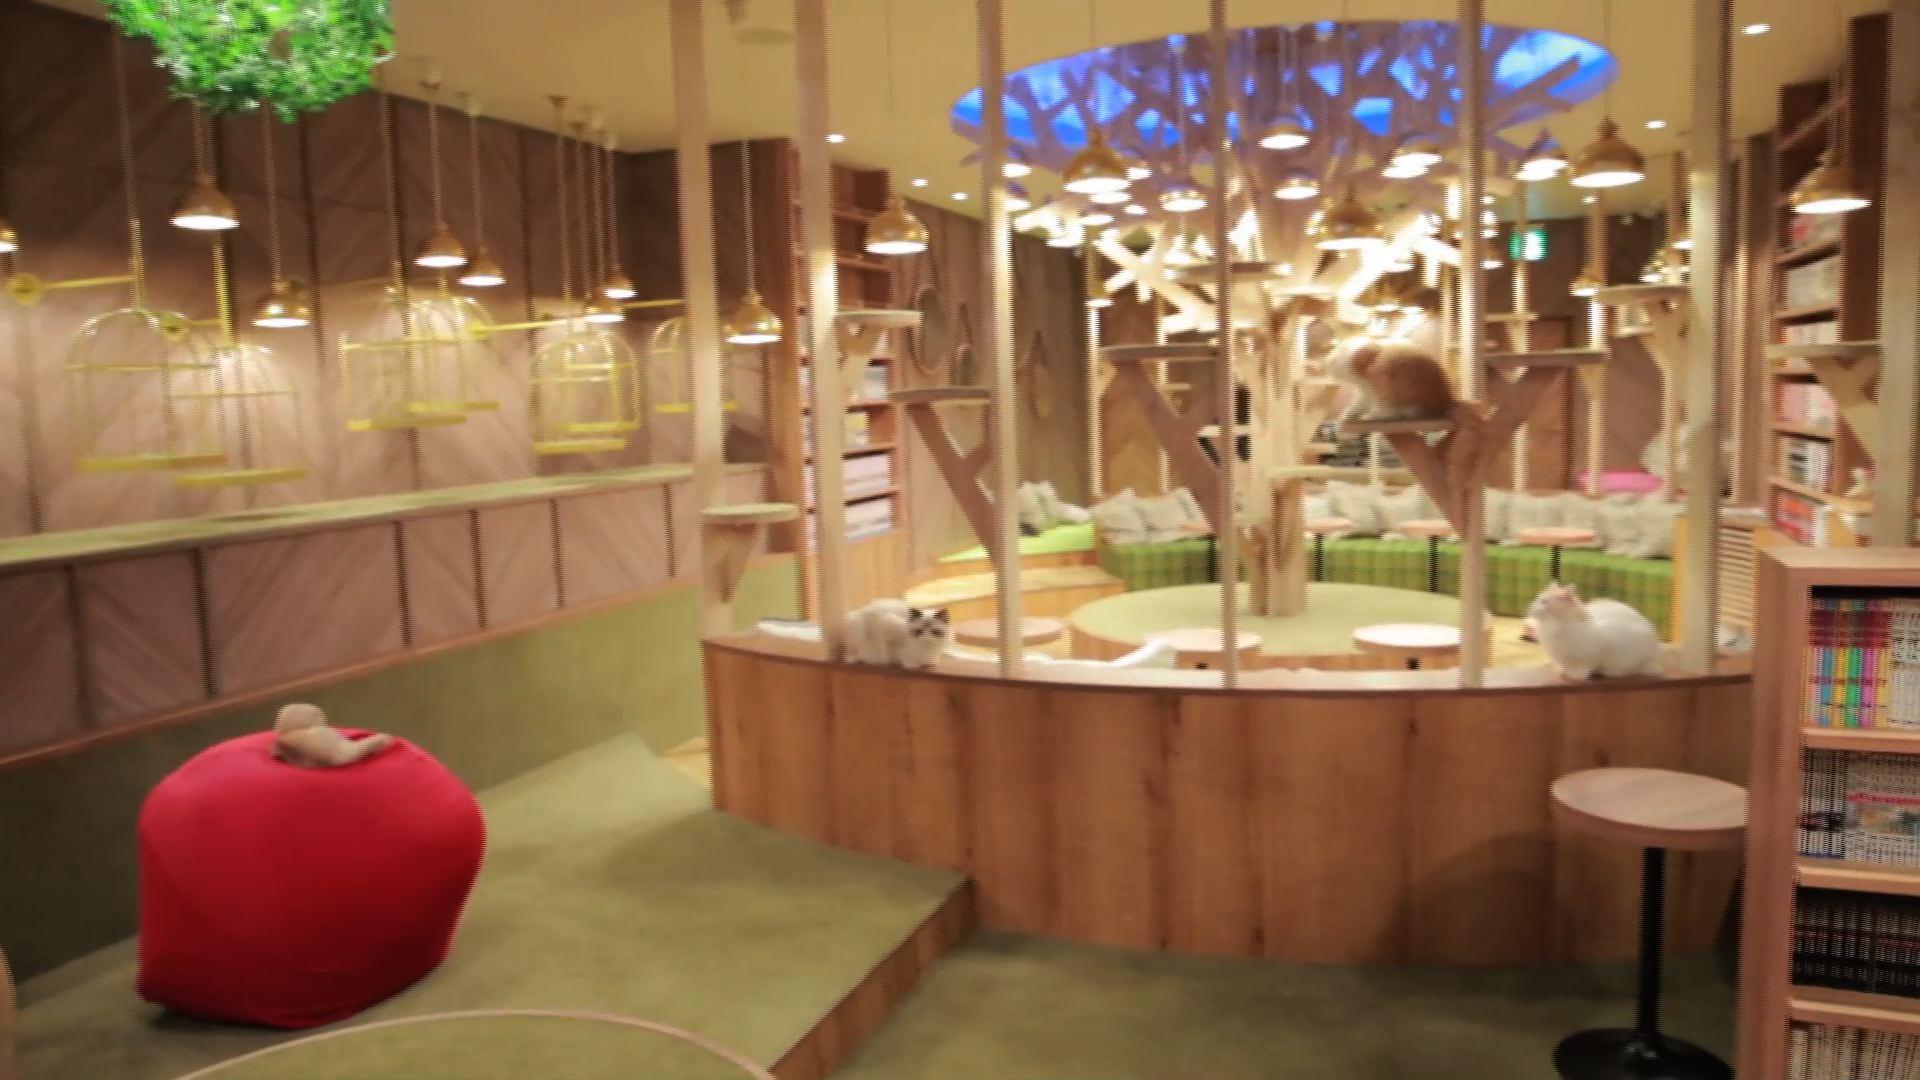 関西初上陸のおしゃれすぎる猫カフェ! 「猫カフェ mocha」で癒やされて